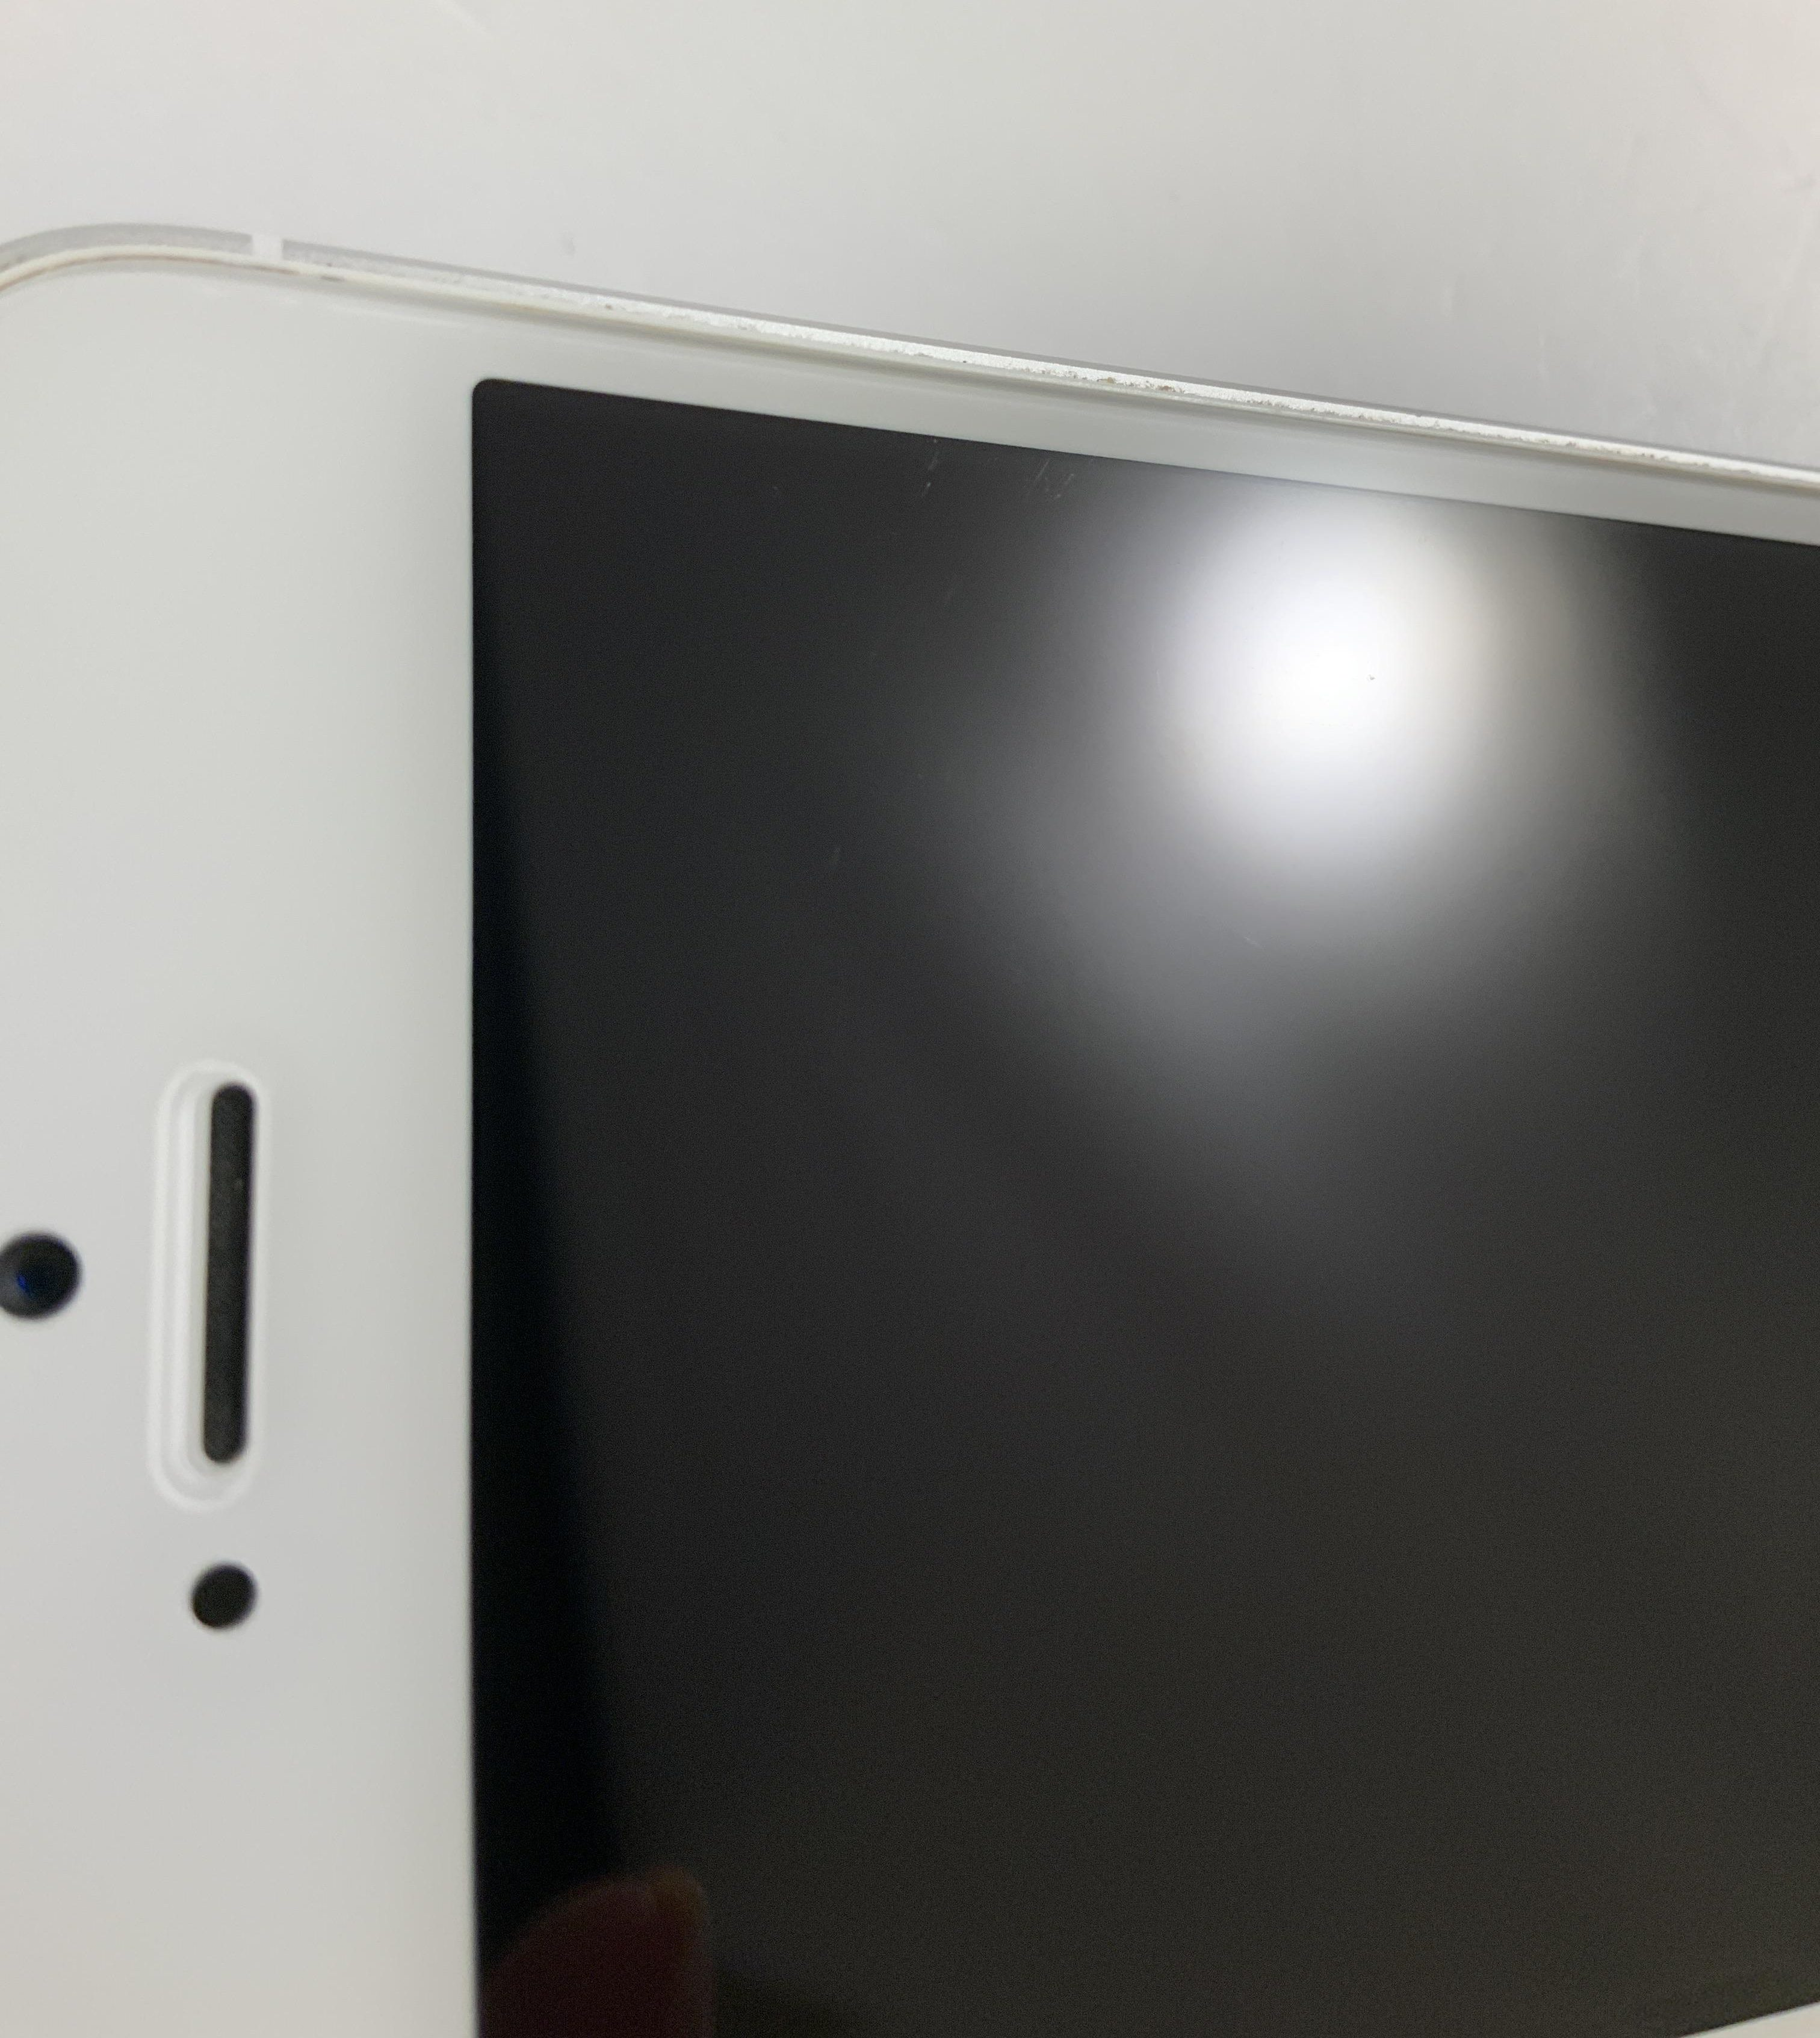 iPhone SE 32GB, 32GB, Bild 3